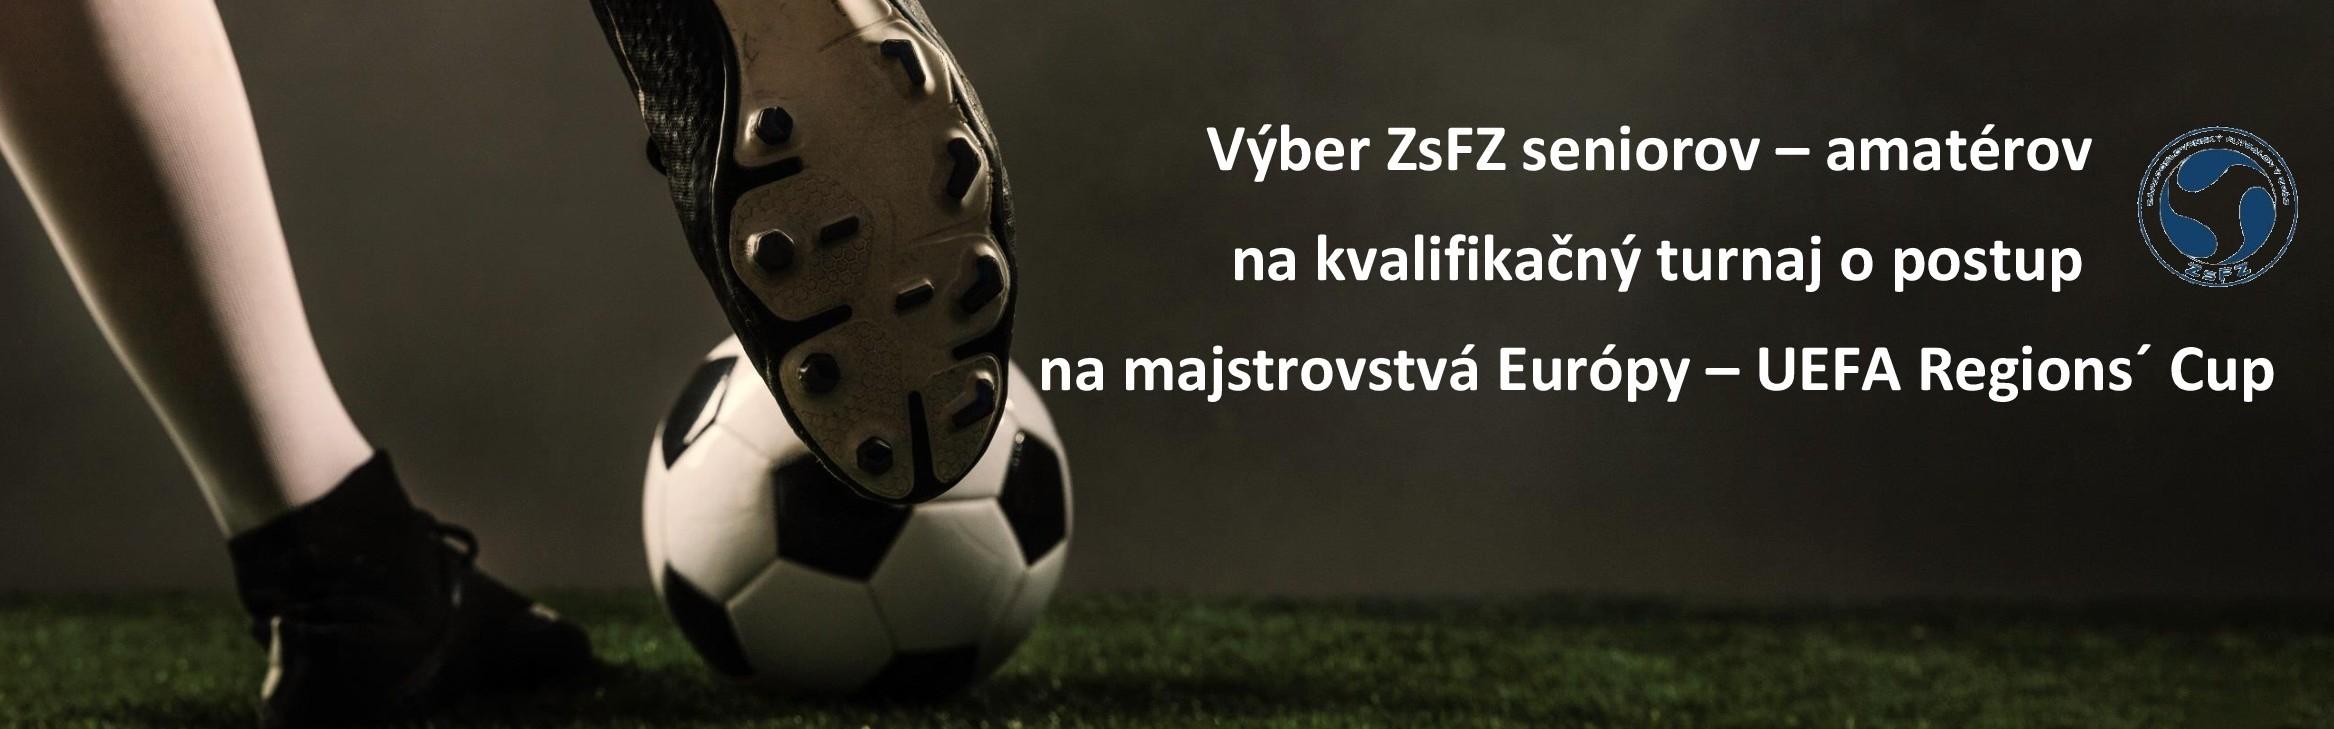 Výber ZsFZ dospelých povedie Peter Gergely, ktorý chce v Rumunsku uhrať čo najlepšie výsledky